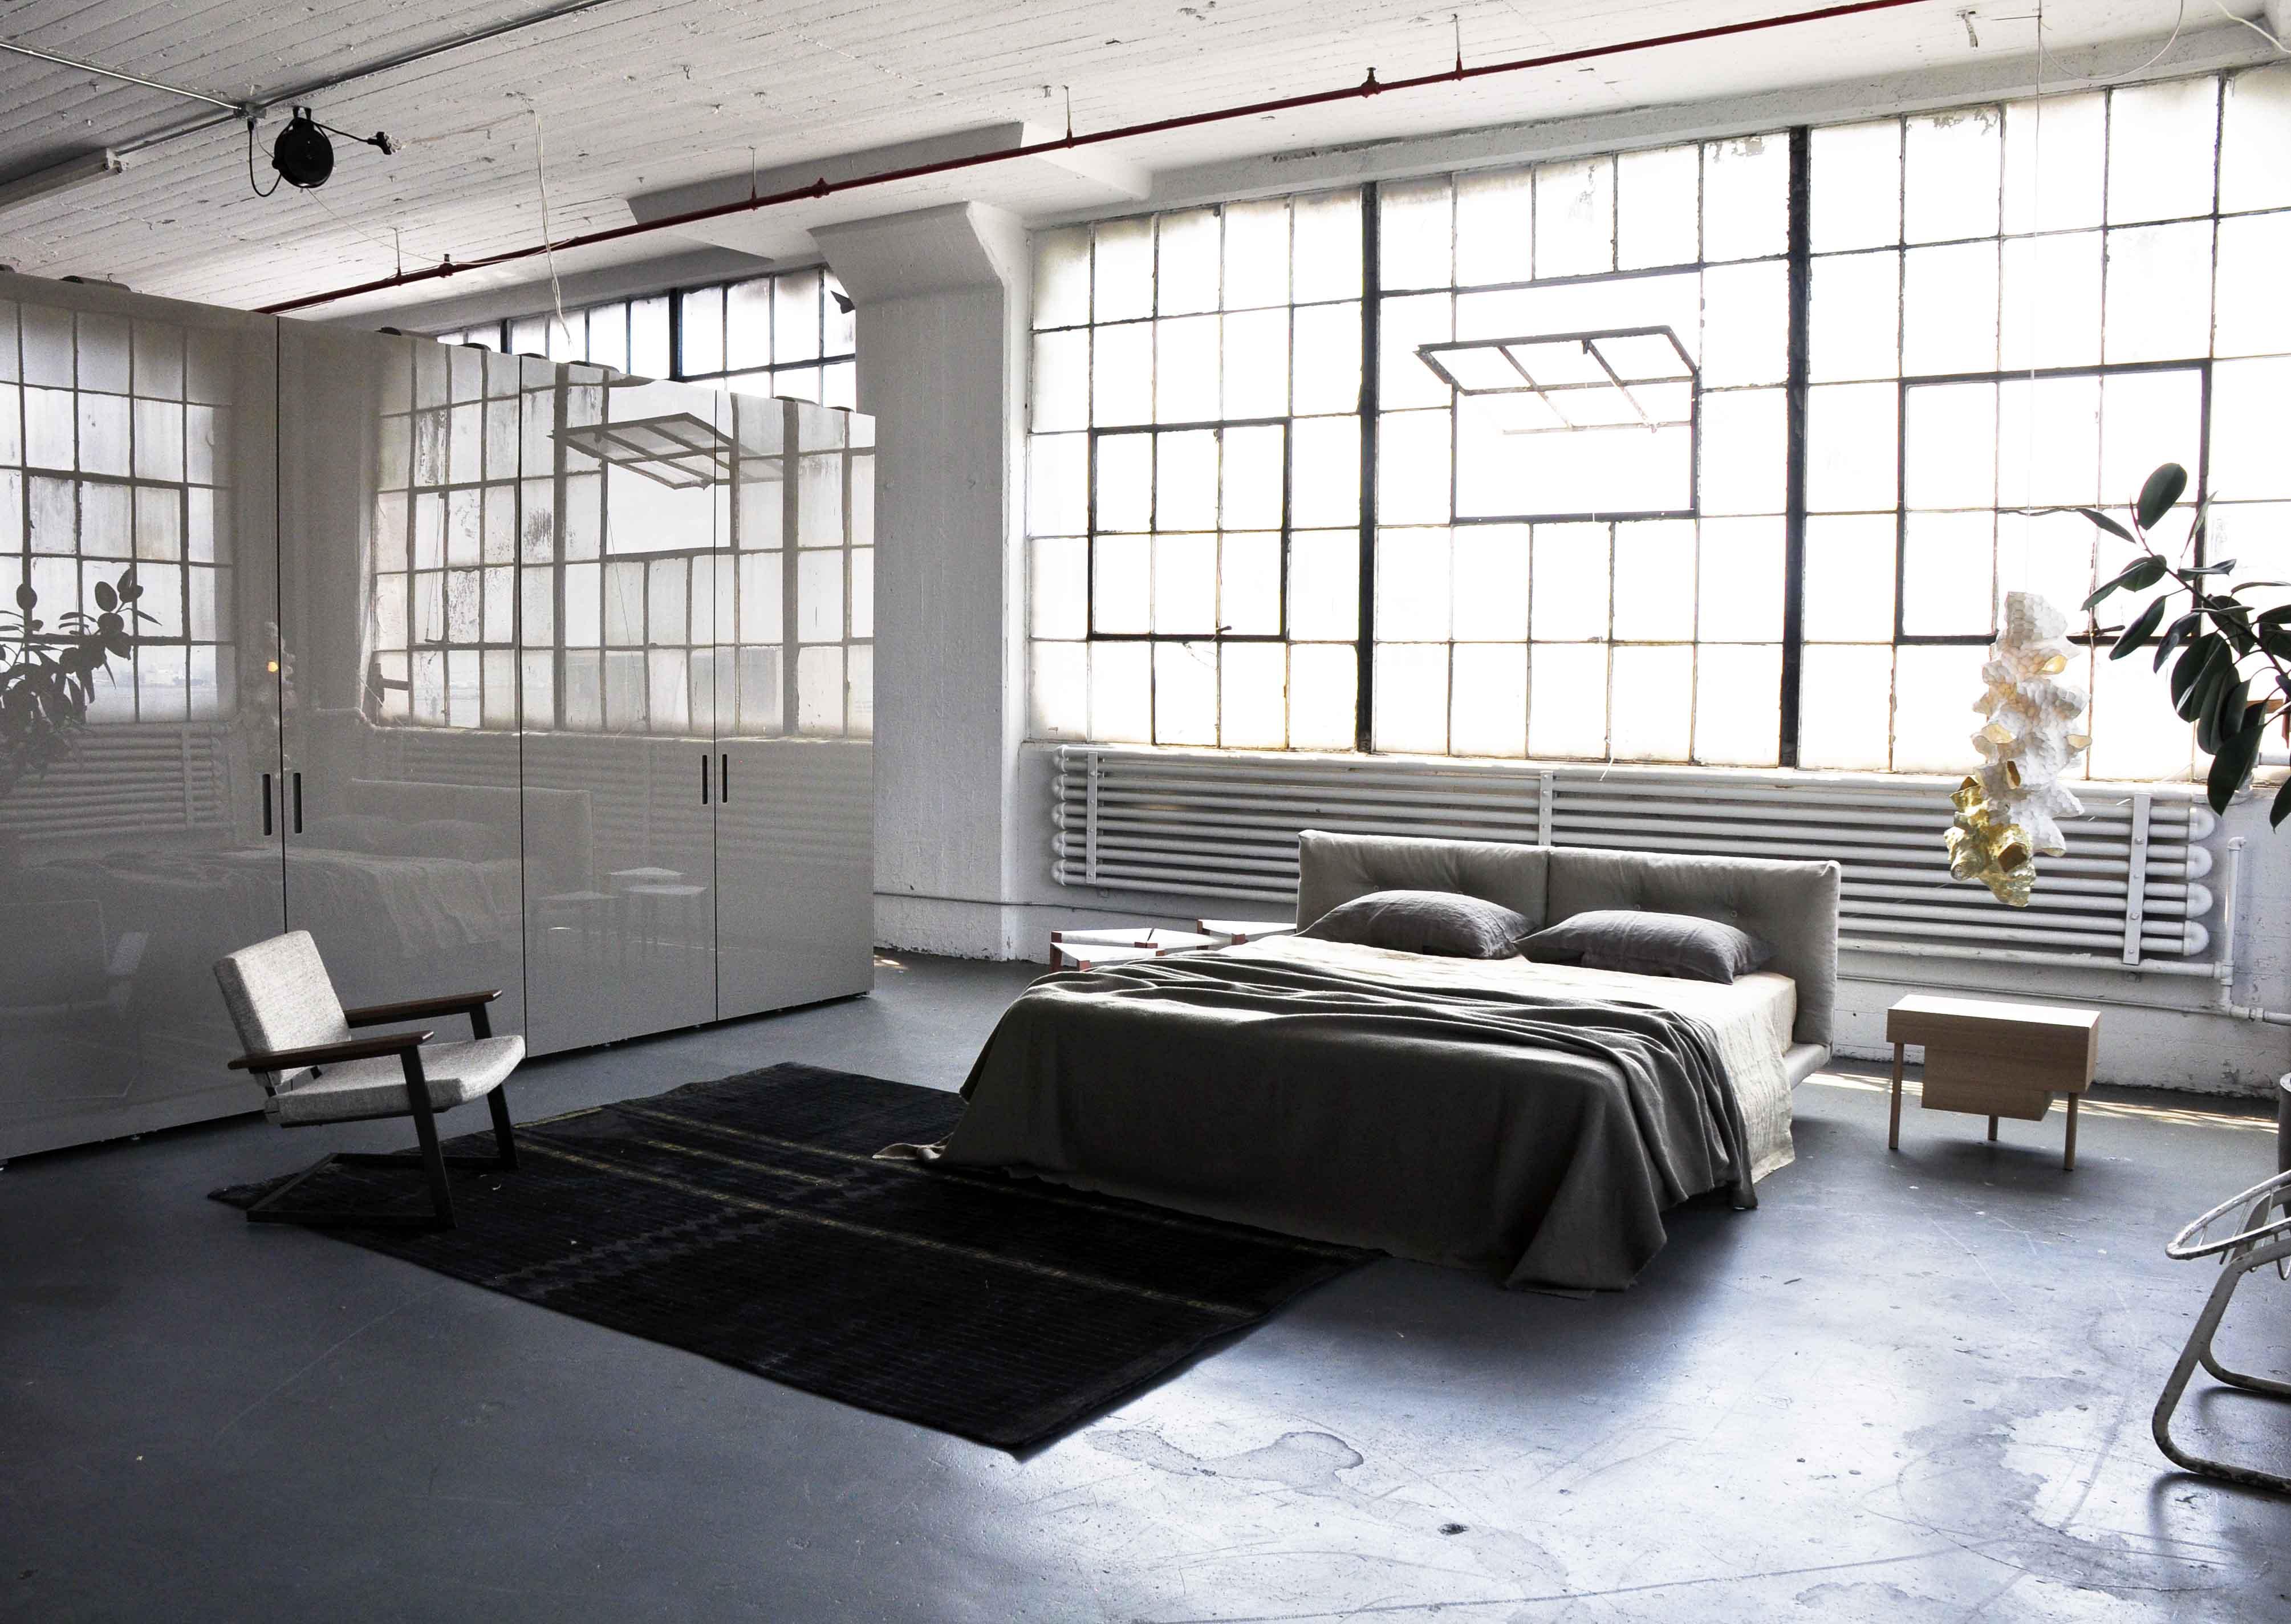 Design Piero Lissoni.Piero Lissoni Architect Designer Mr Essentialist